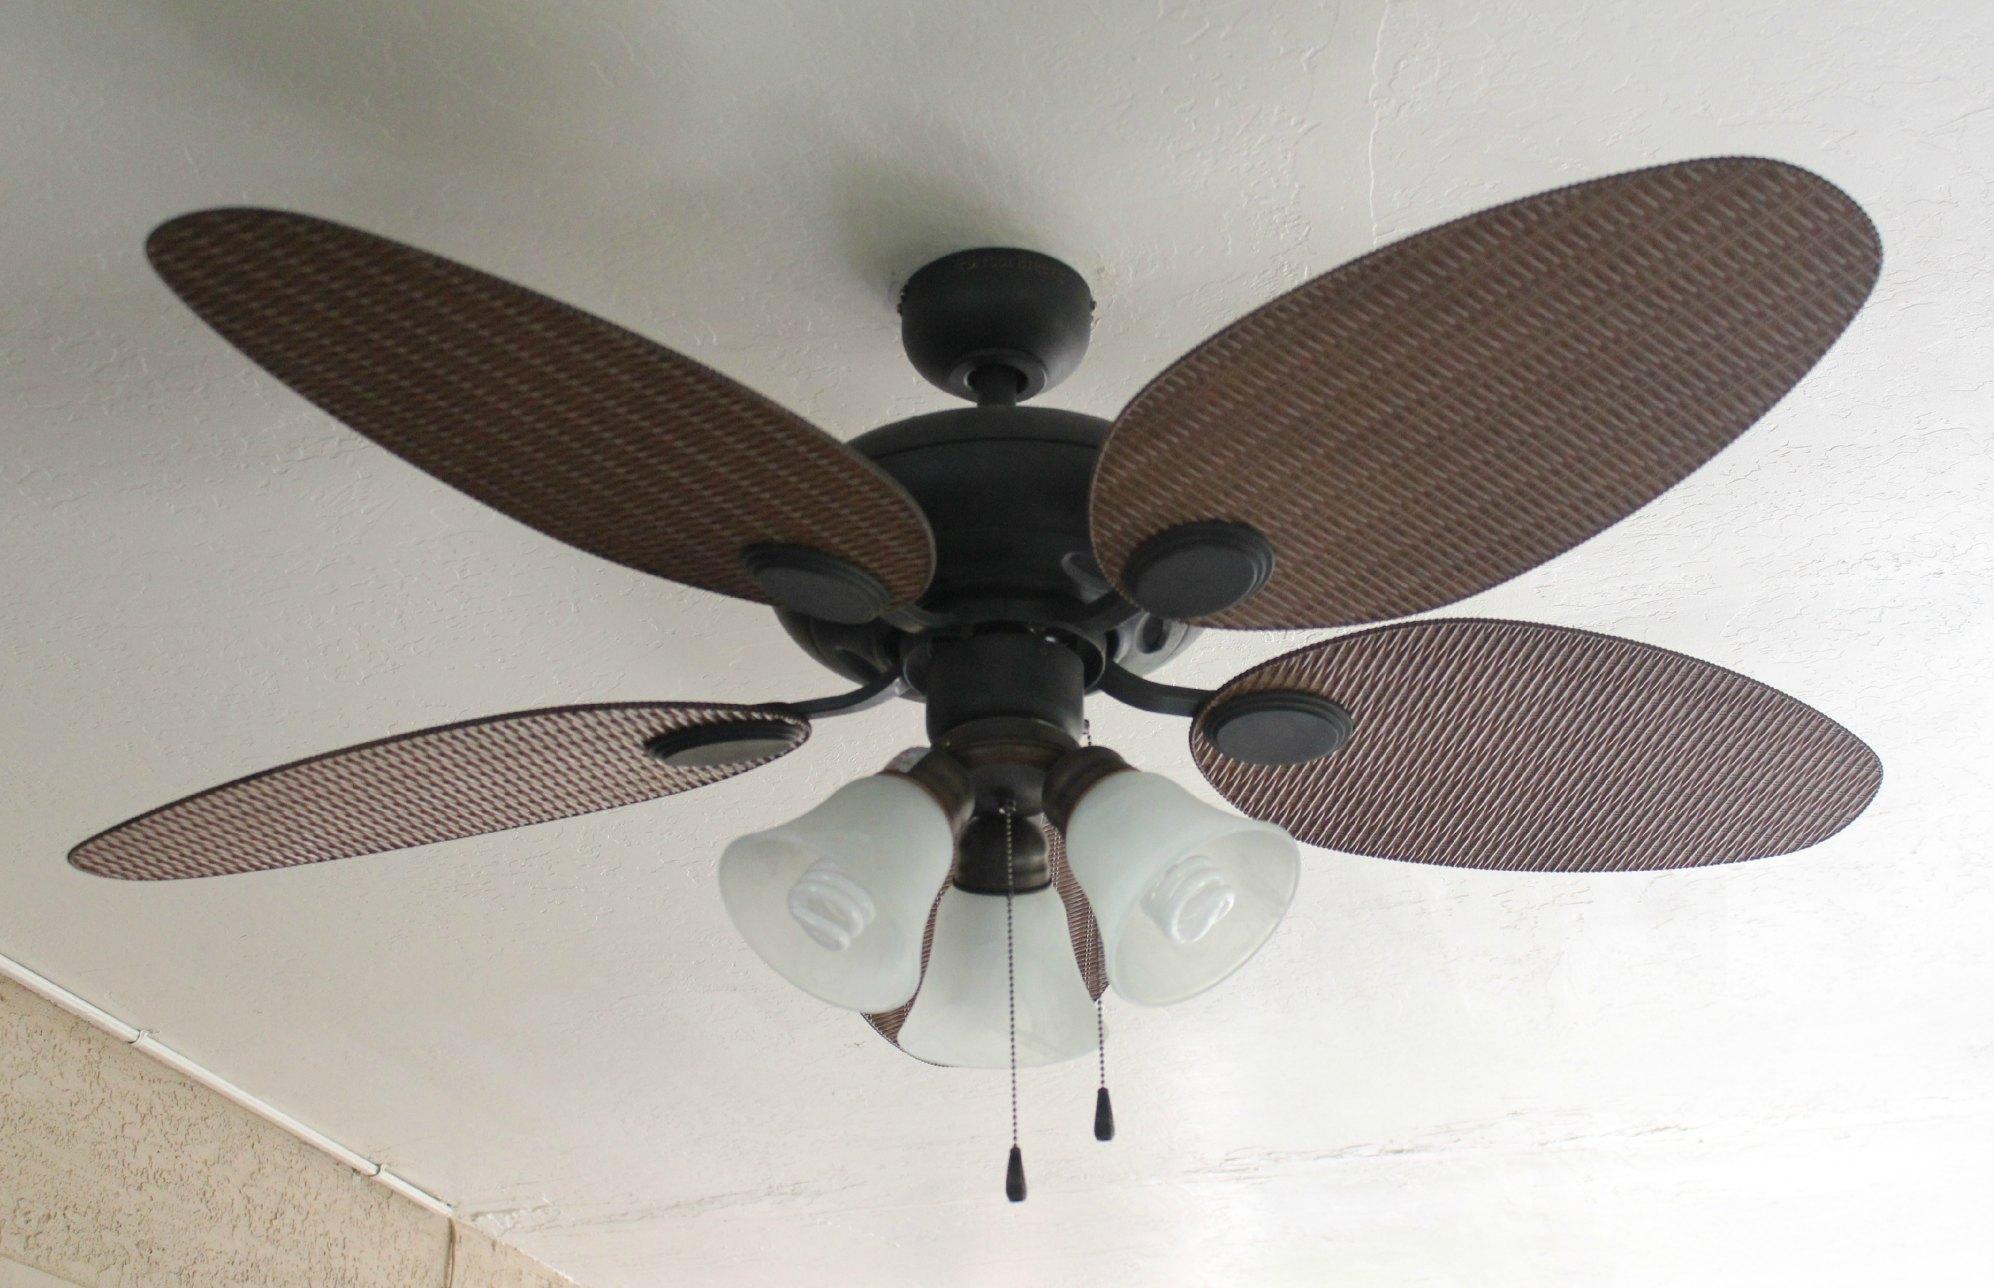 Diy ceiling fan blades